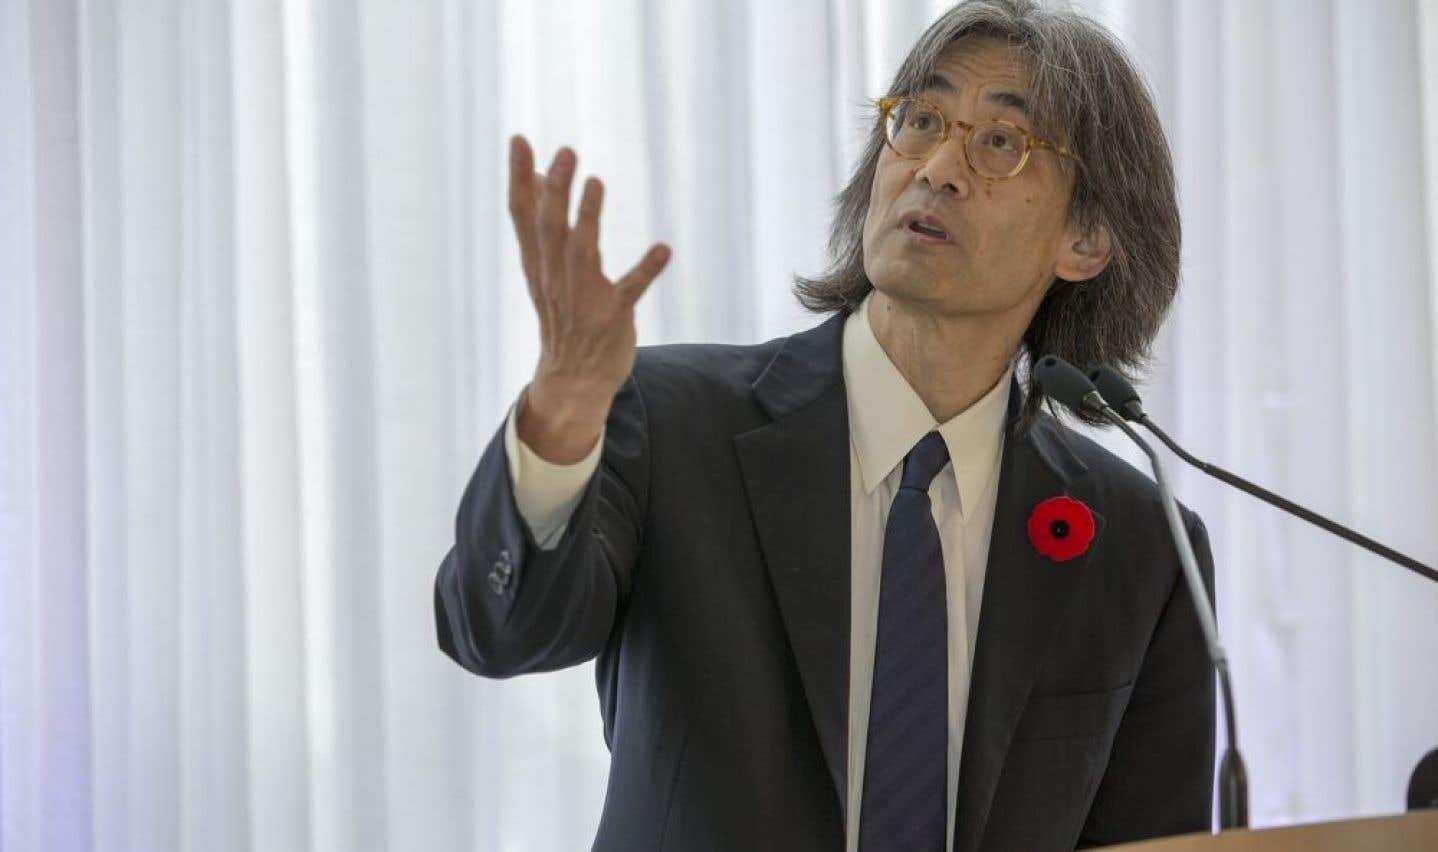 L'OSM renouvelle le contrat de Kent Nagano jusqu'en 2020